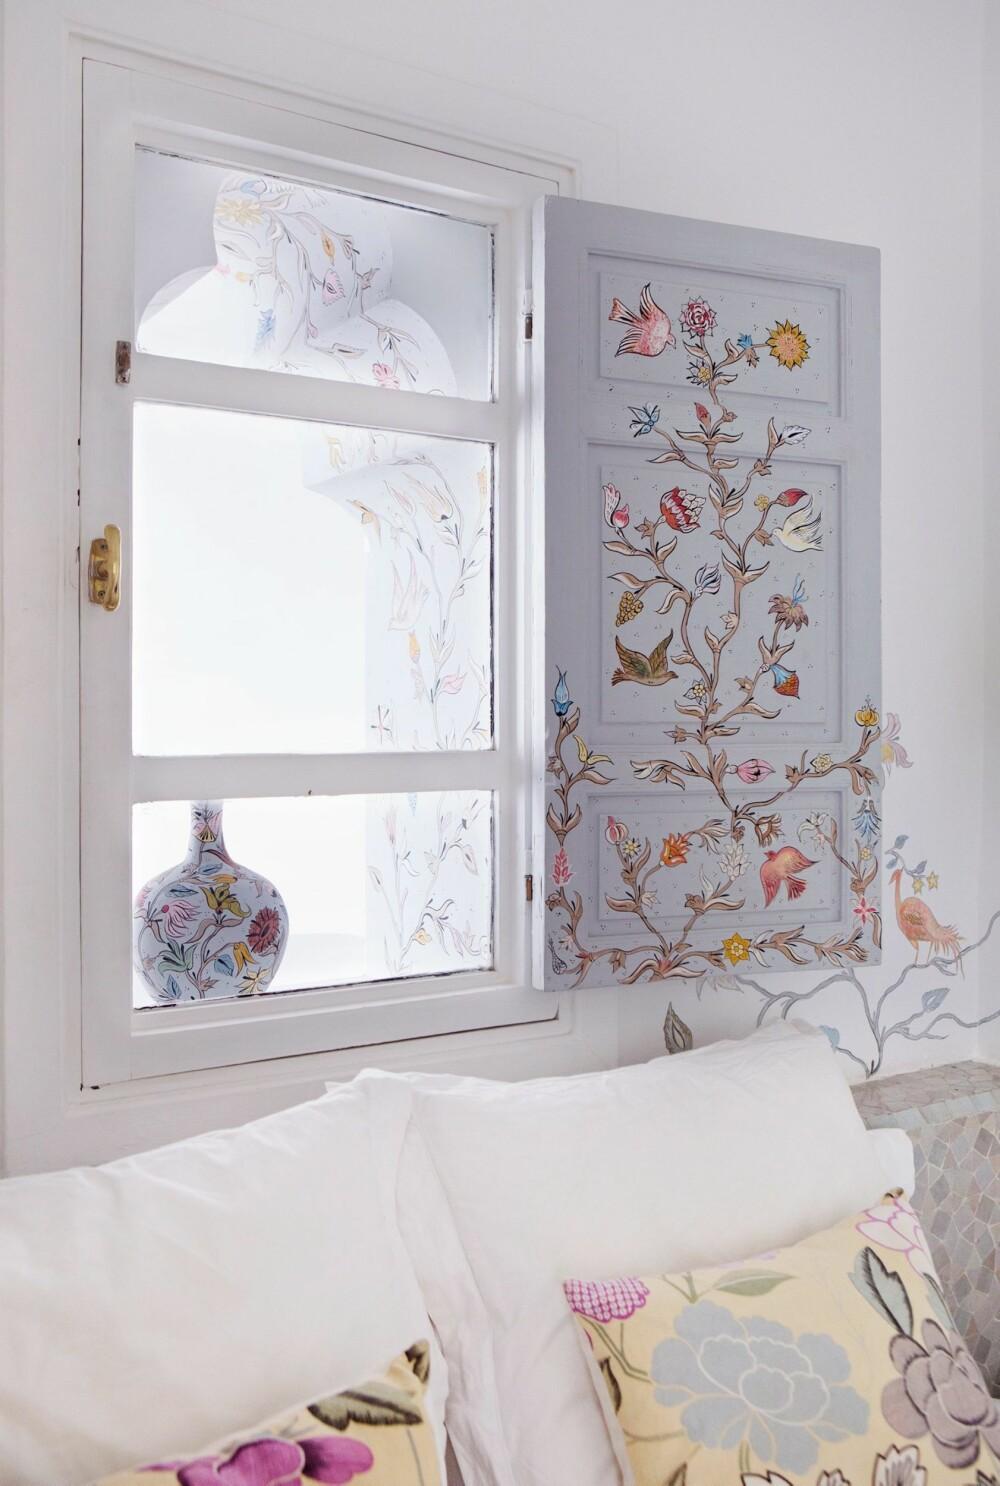 BEVINGET DEKOR: Fuglemotivet er designet og utført av Hovlands kone, matstylist og fotograf Marianne Gehrken.